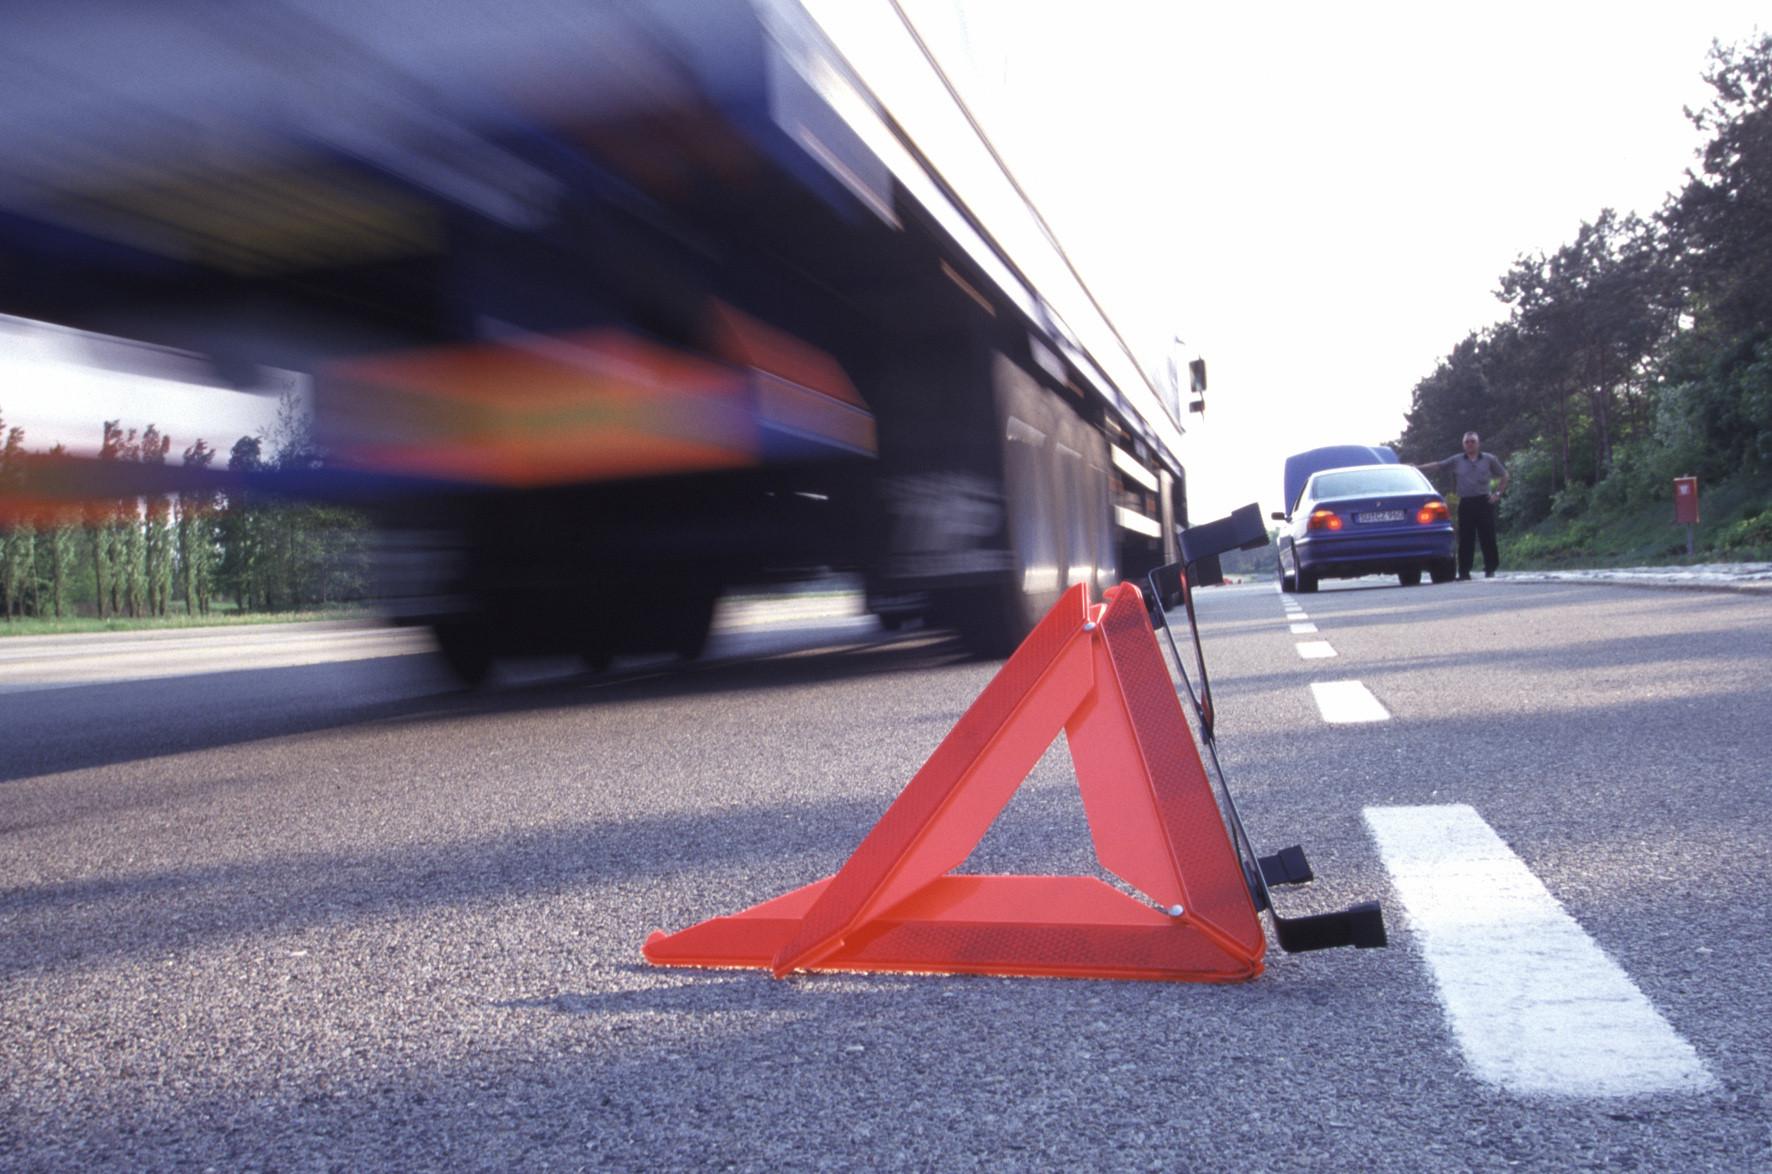 ВТульской области вДТП стремя автобусами погибли 4 человека